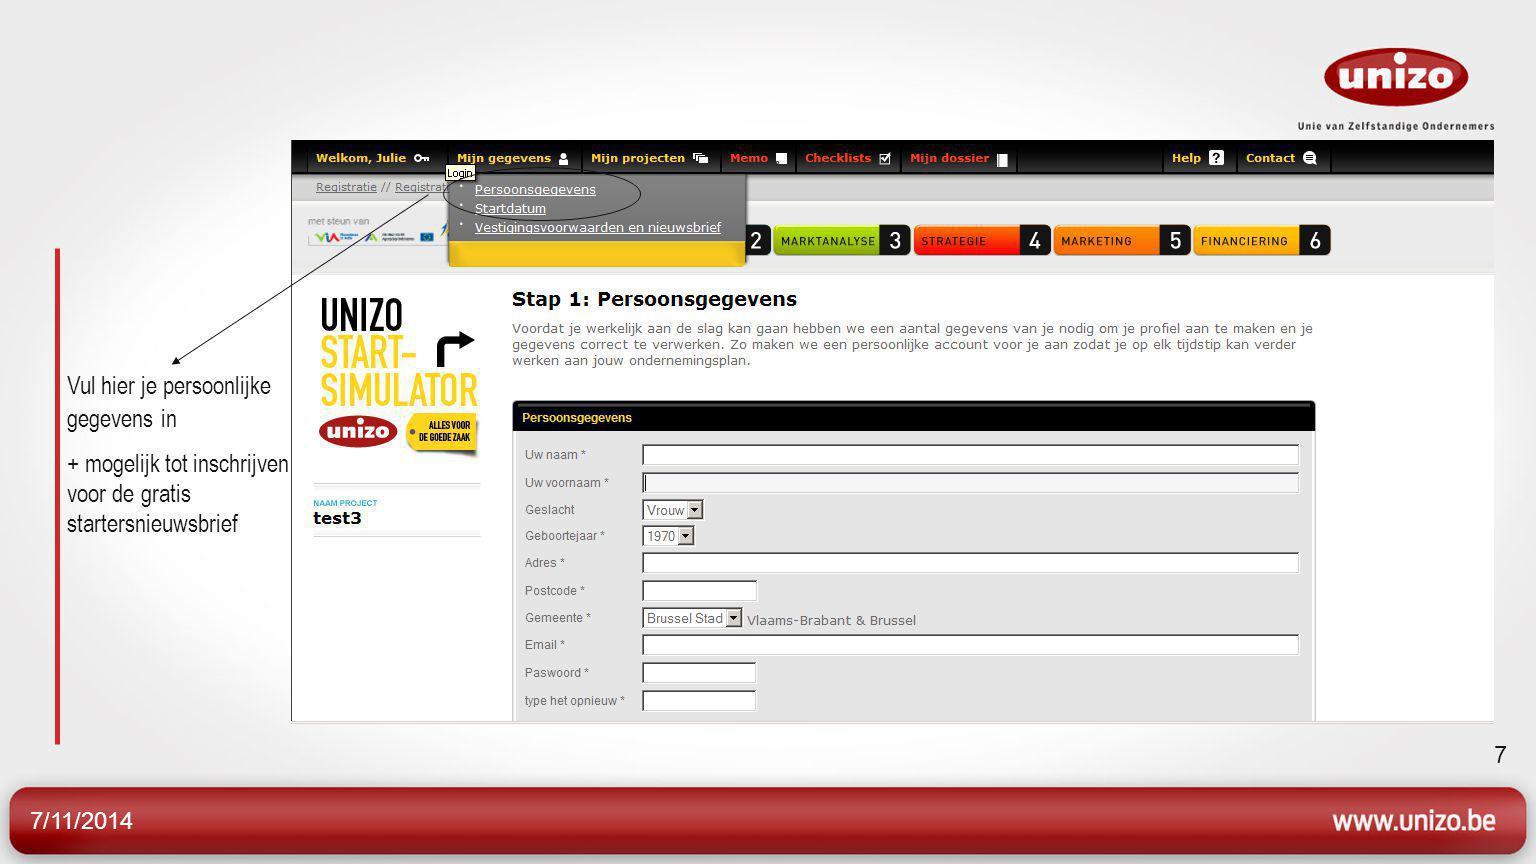 7/11/2014 7 Vul hier je persoonlijke gegevens in + mogelijk tot inschrijven voor de gratis startersnieuwsbrief